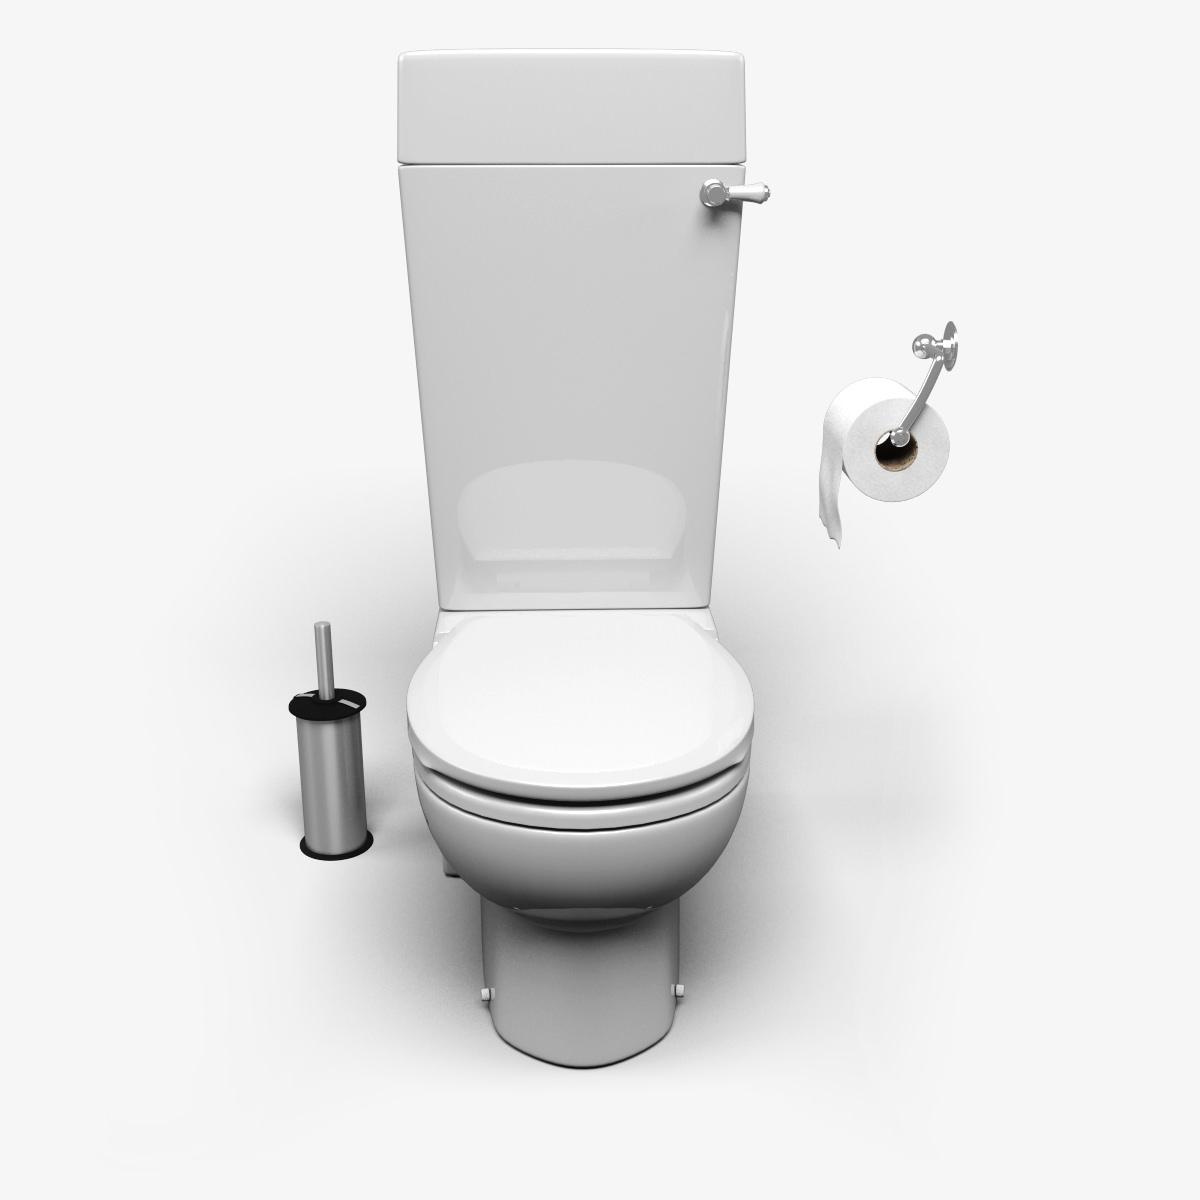 Toilet 3d model max obj fbx - Toilet model ...